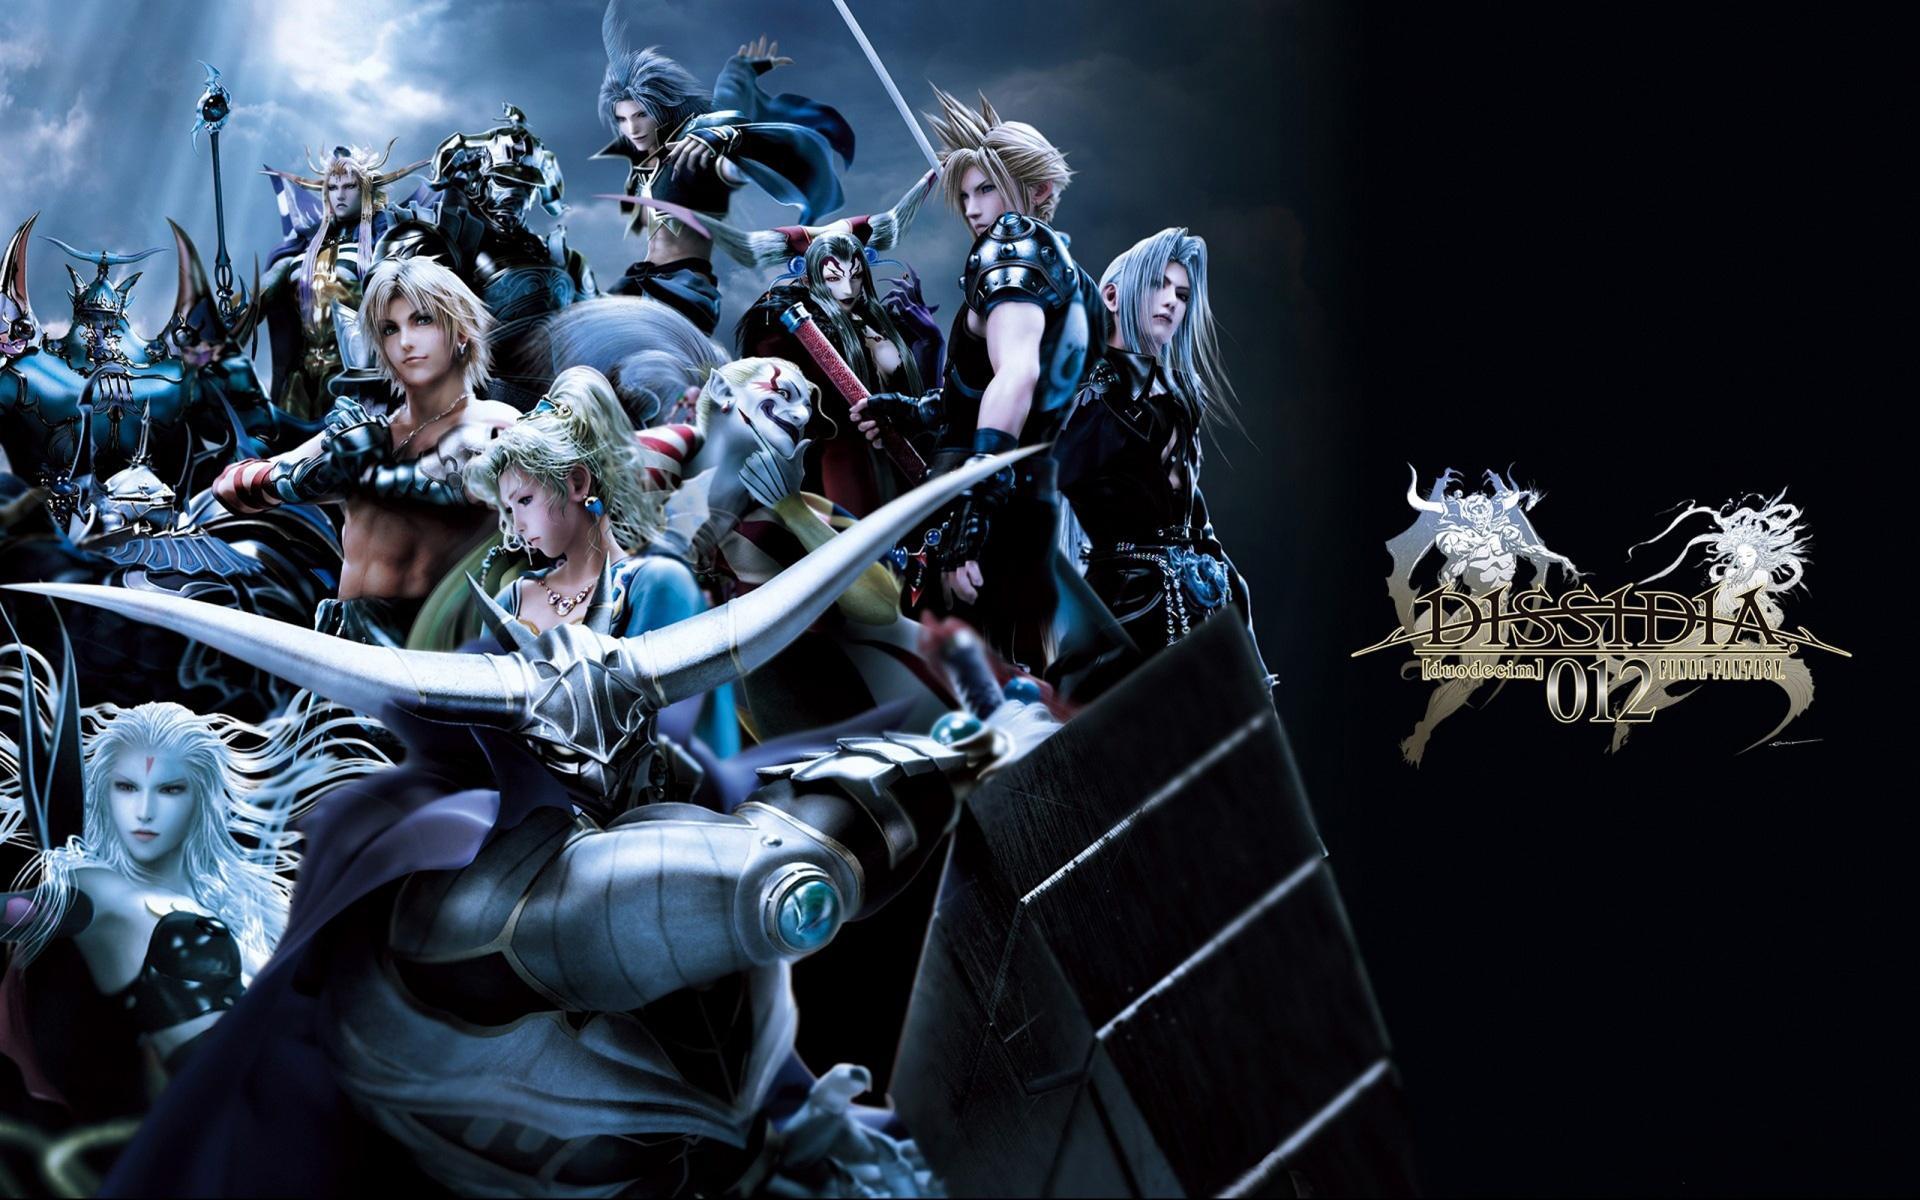 Wallpaper Dissidia 012 Duodecim Final Fantasy 1920x1200 HD Picture